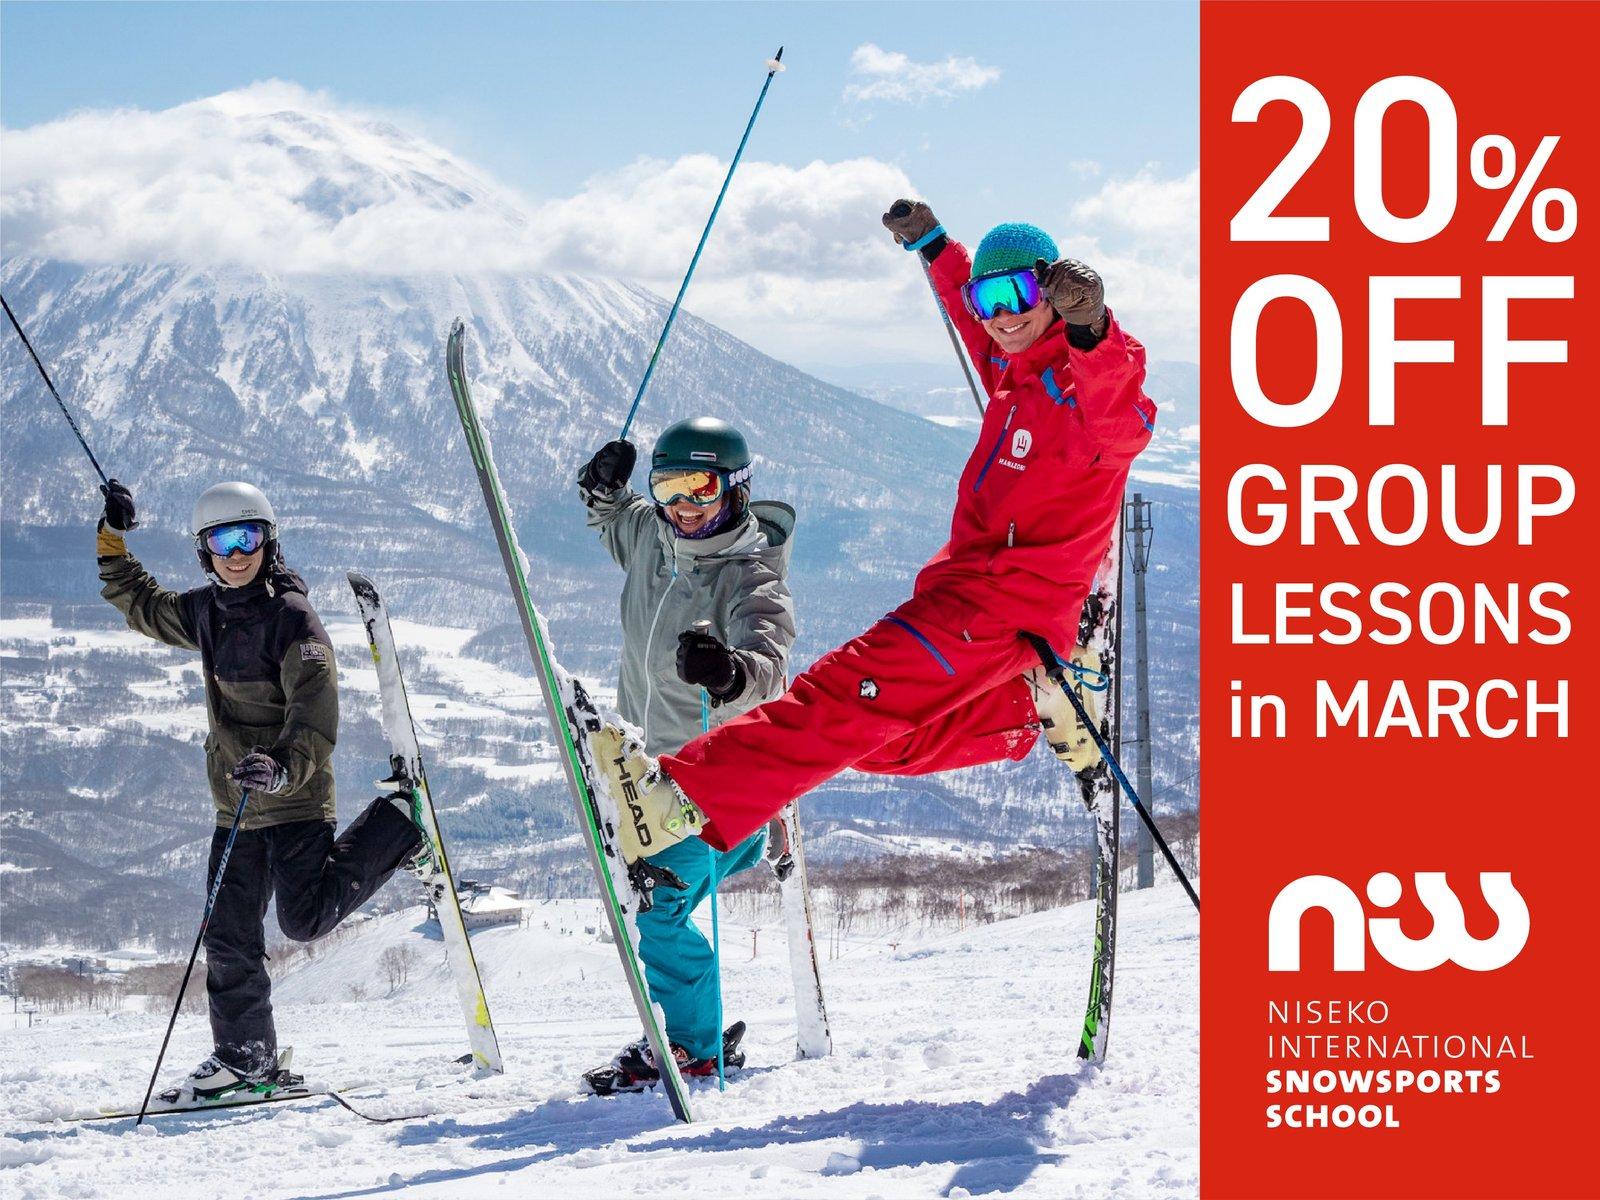 Skiers enjoying their ski lesson in Niseko, Hokkaido